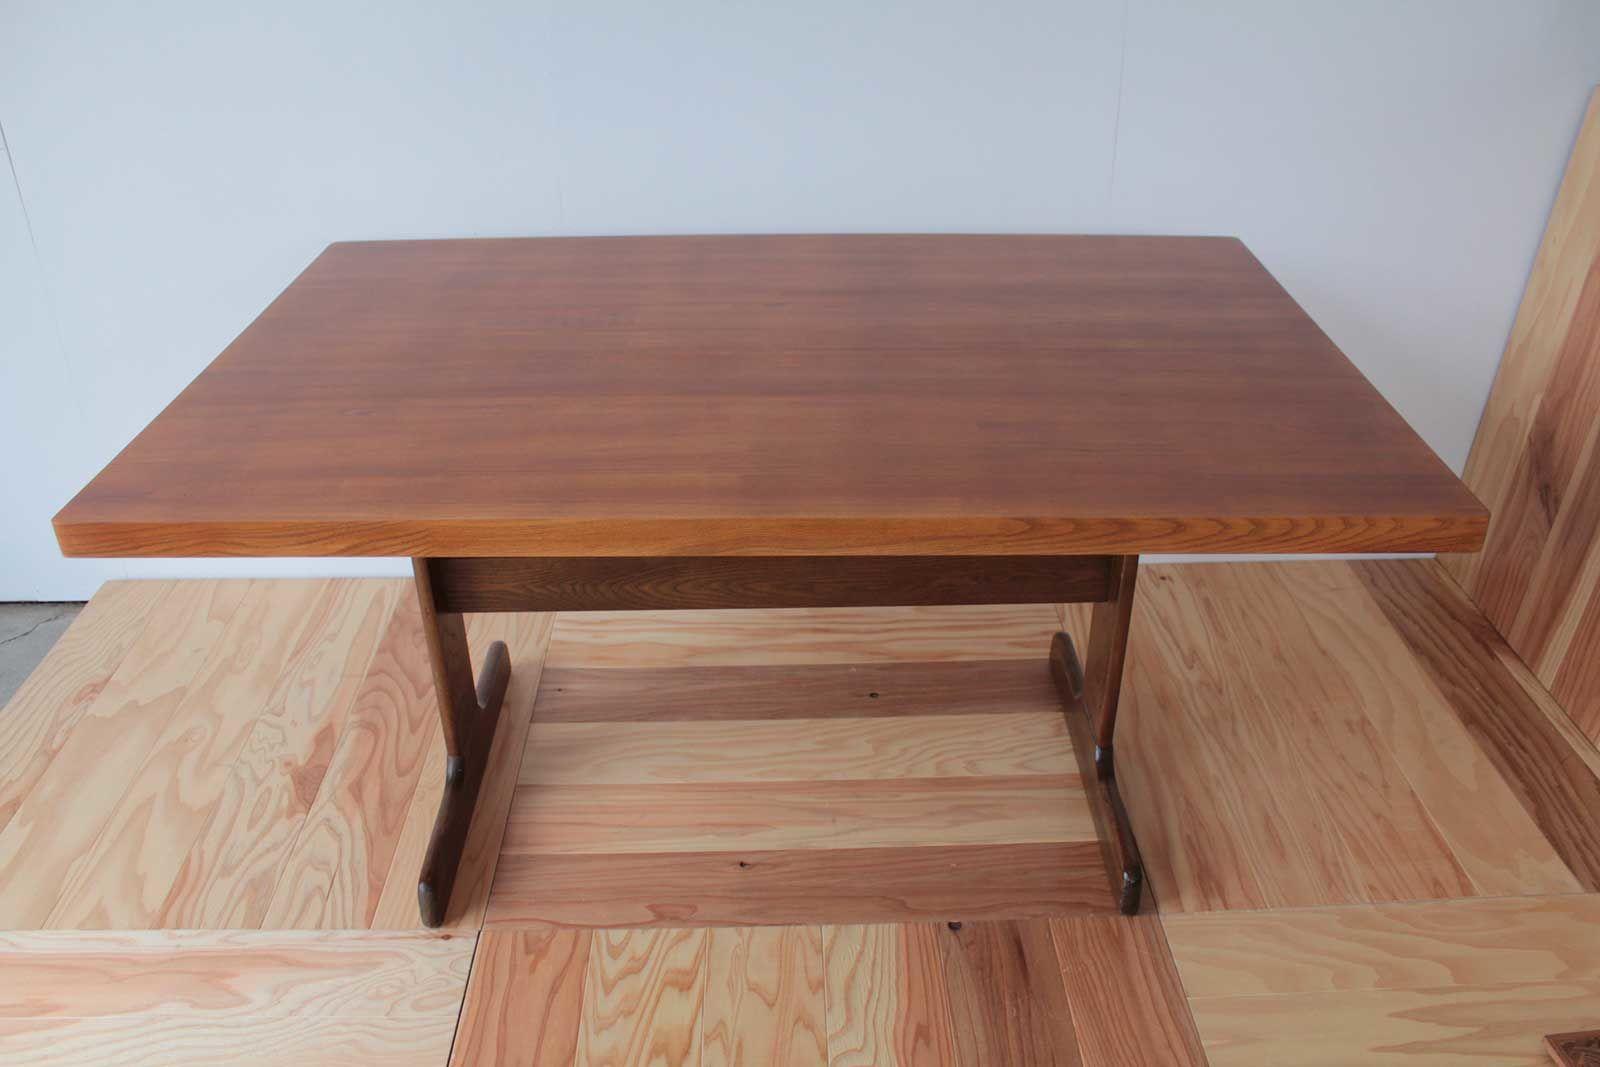 天板が分厚く重量のあるナラ材のローテーブルからダイニングテーブルへリメイク